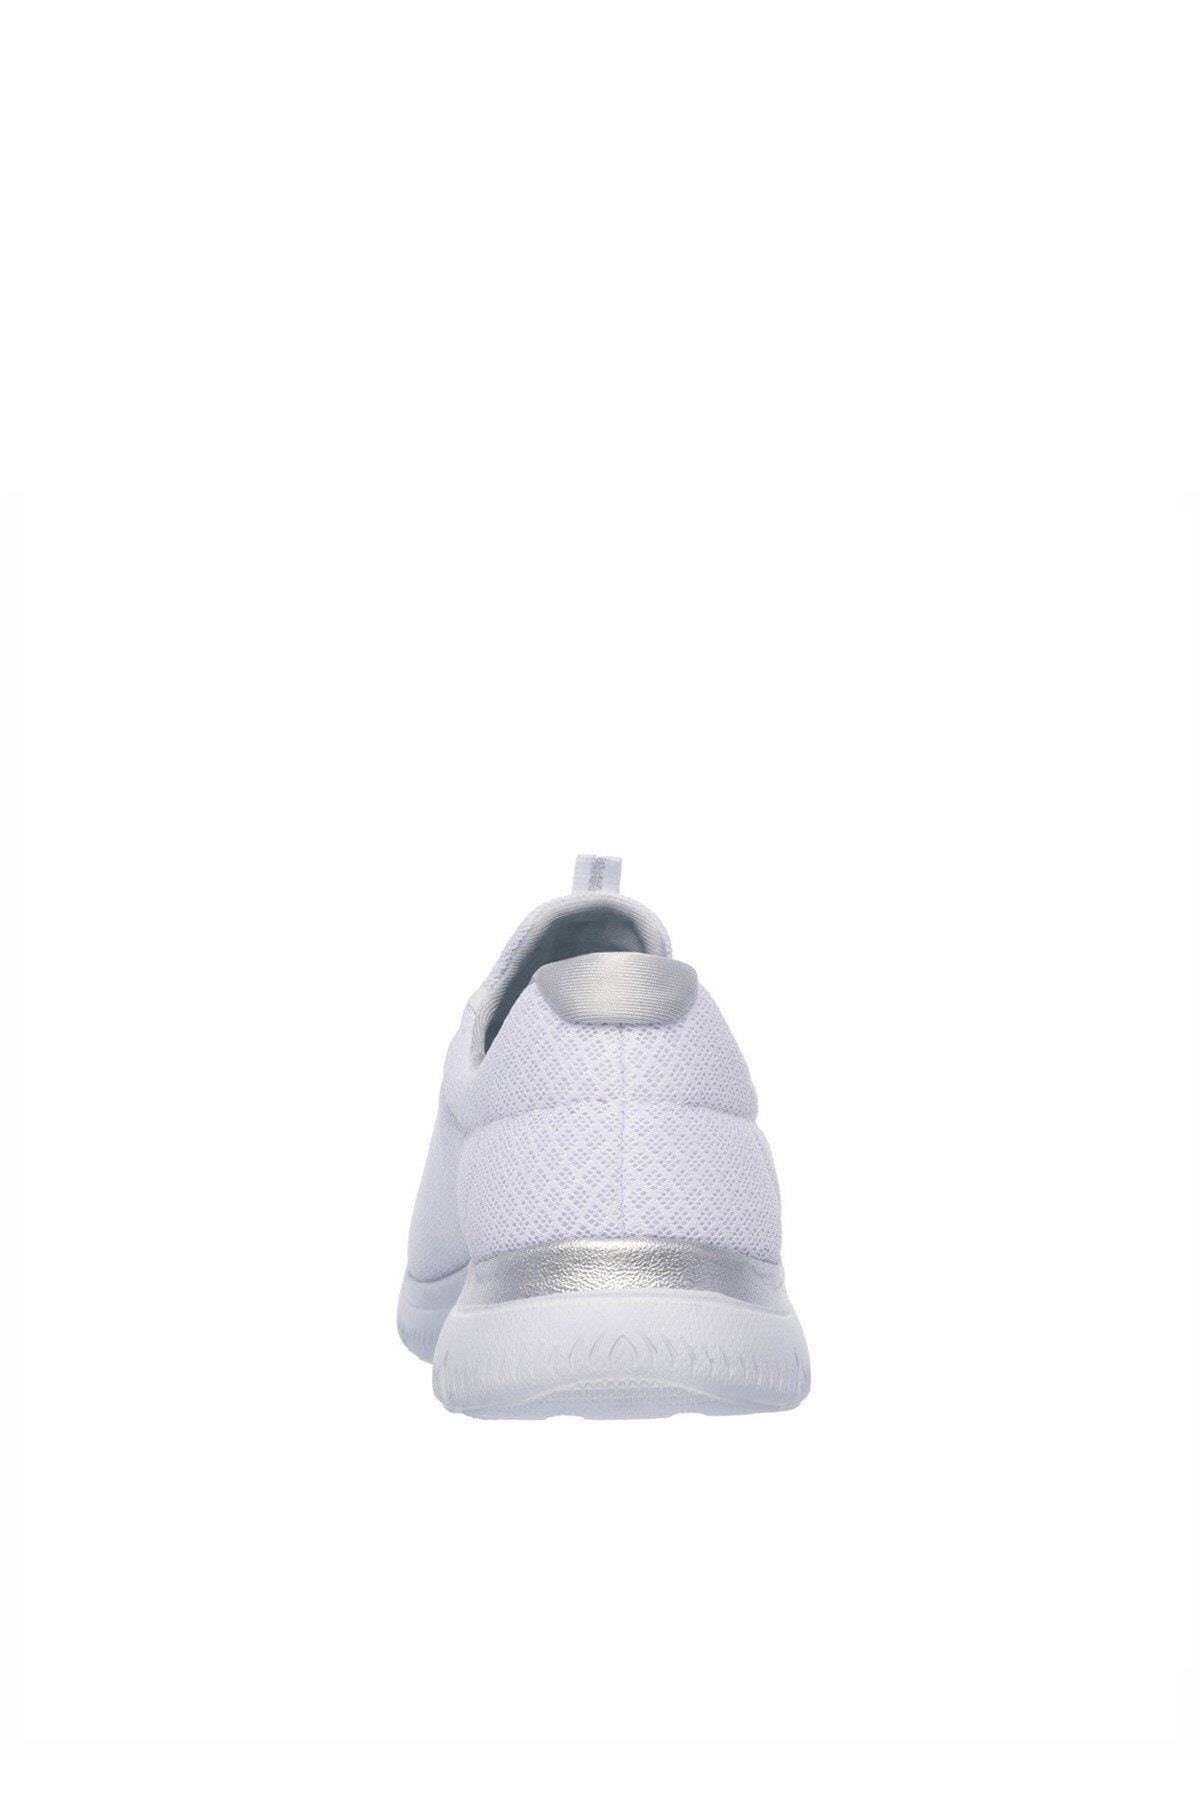 Skechers Summits Kadın Ayakkabı Skc12980 Wsl